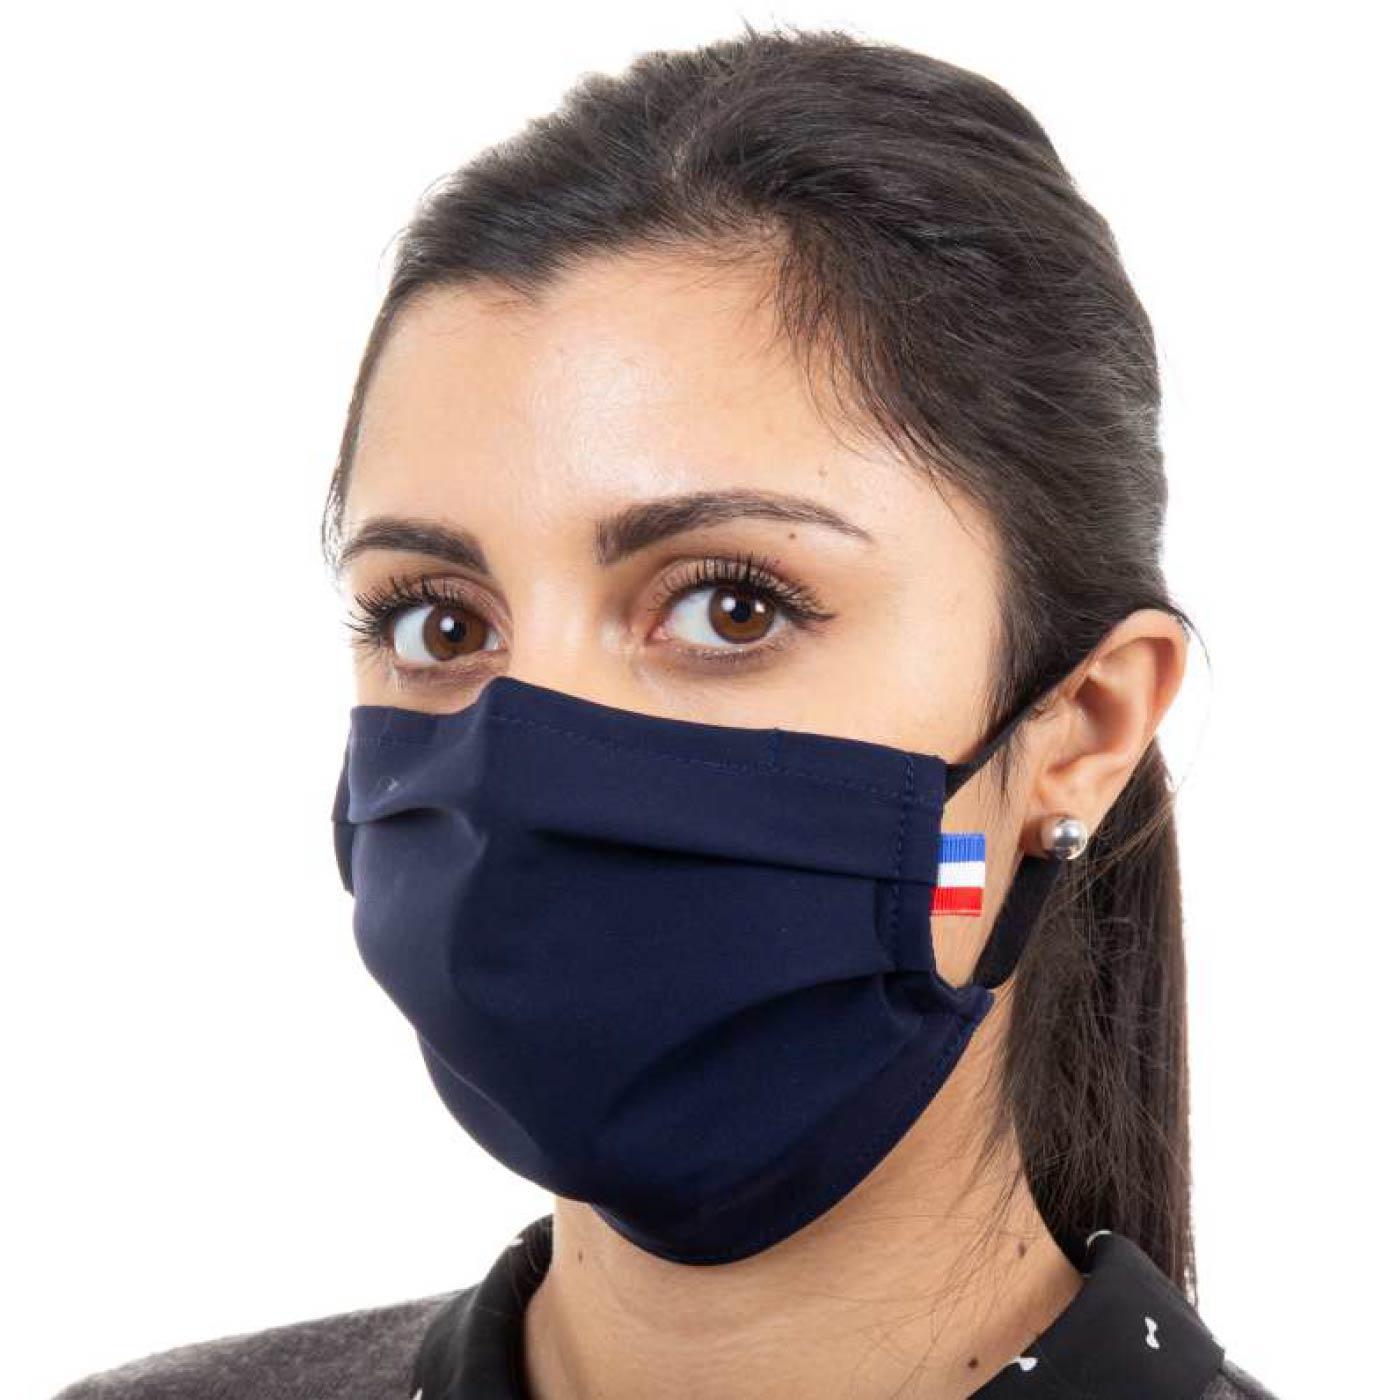 masque-de-protection-respiratoire-tissu-bleu-marine-nowbp